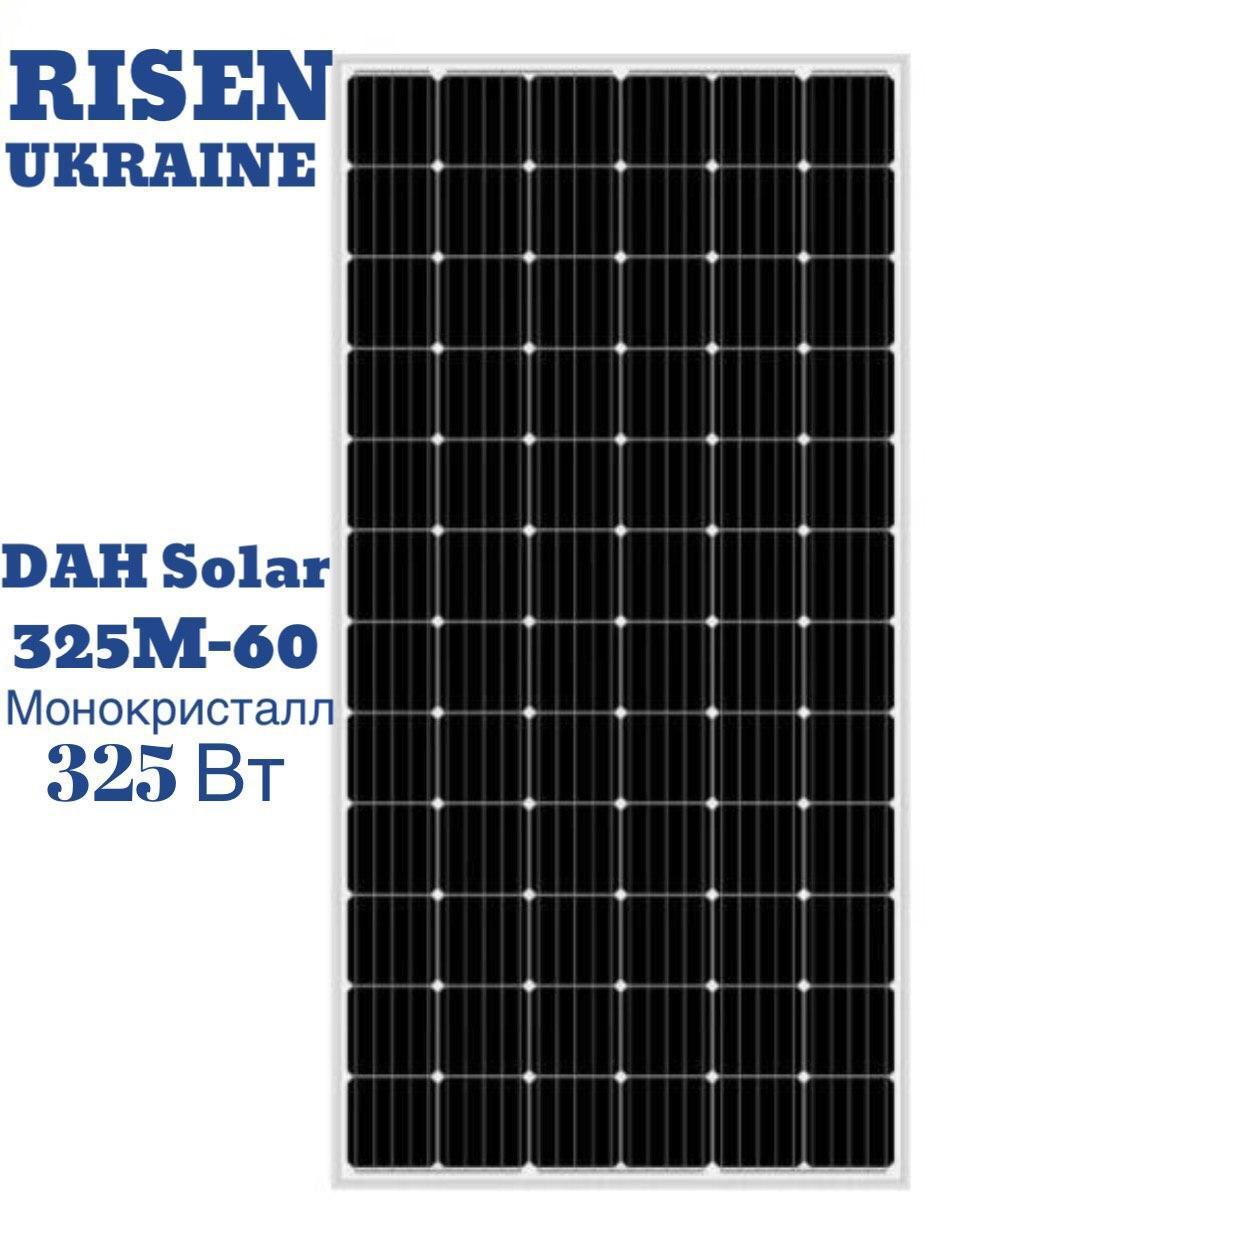 Солнечная панель DАH Solar PERC DHM60-325